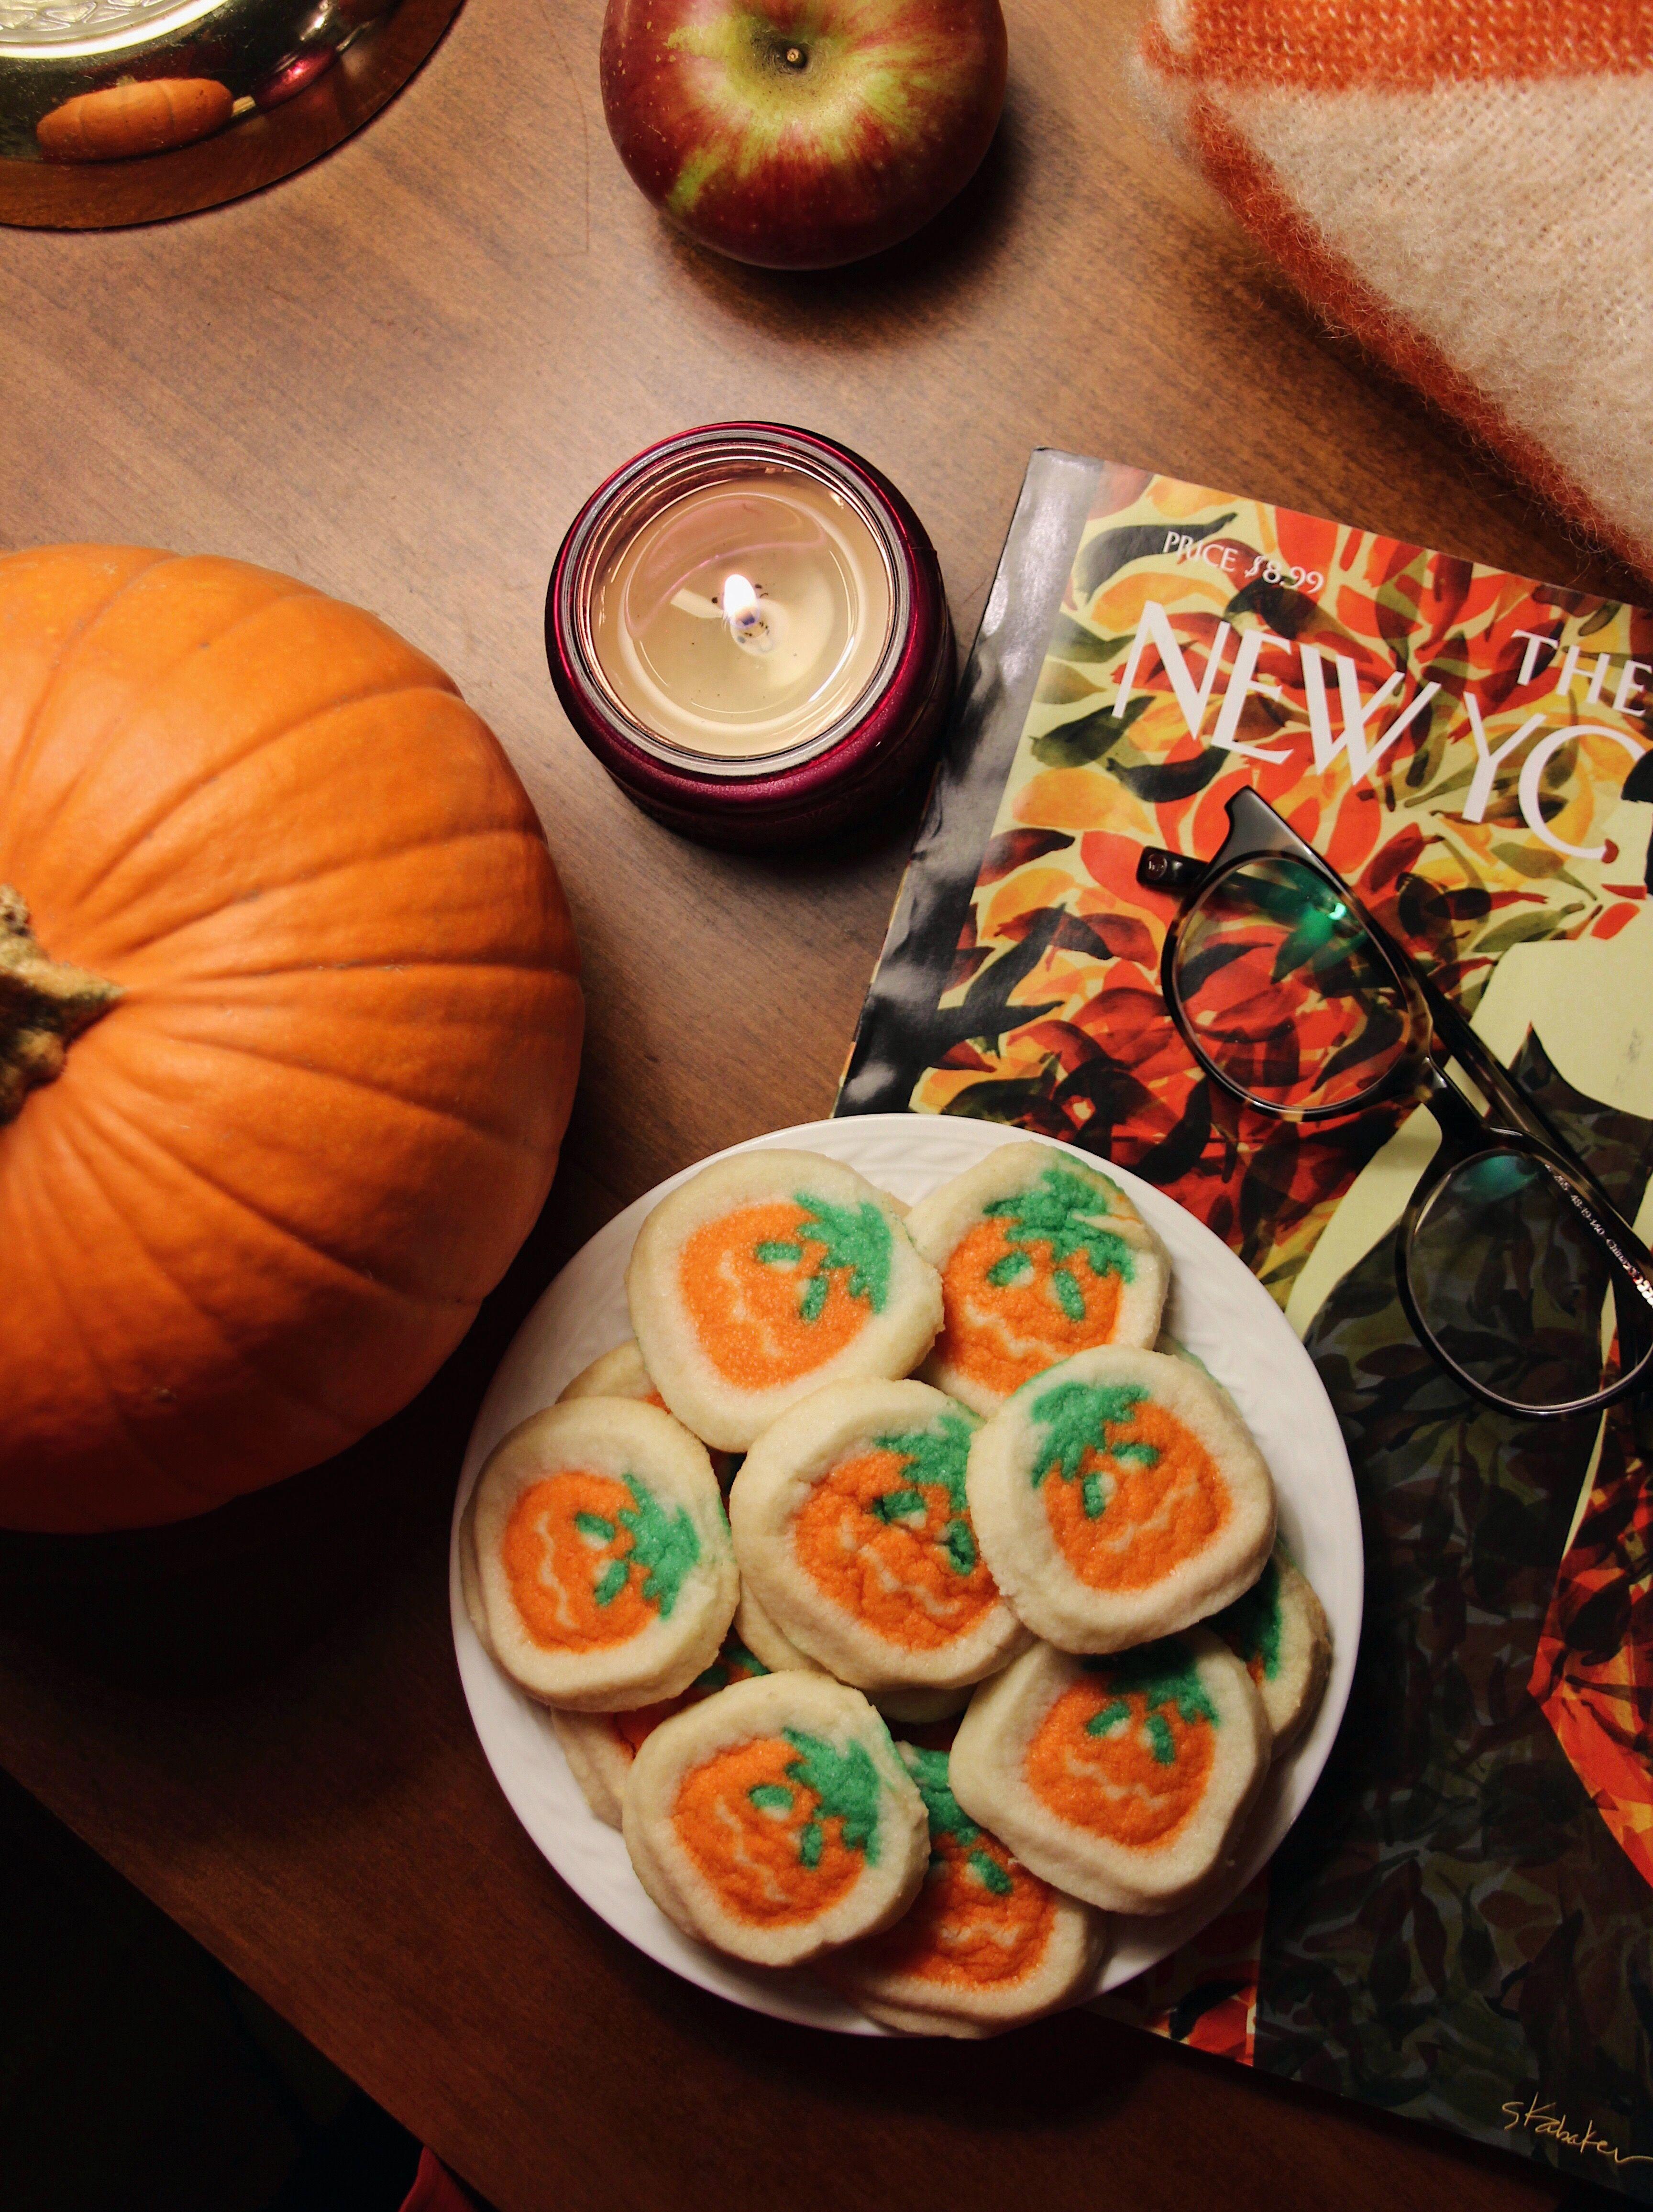 fall halloween pumpkin cookies - Pillsbury Shape Pumpkin Sugar Cookies #pumpkinsugarcookies fall halloween pumpkin cookies - Pillsbury Shape Pumpkin Sugar Cookies #halloweensugarcookies